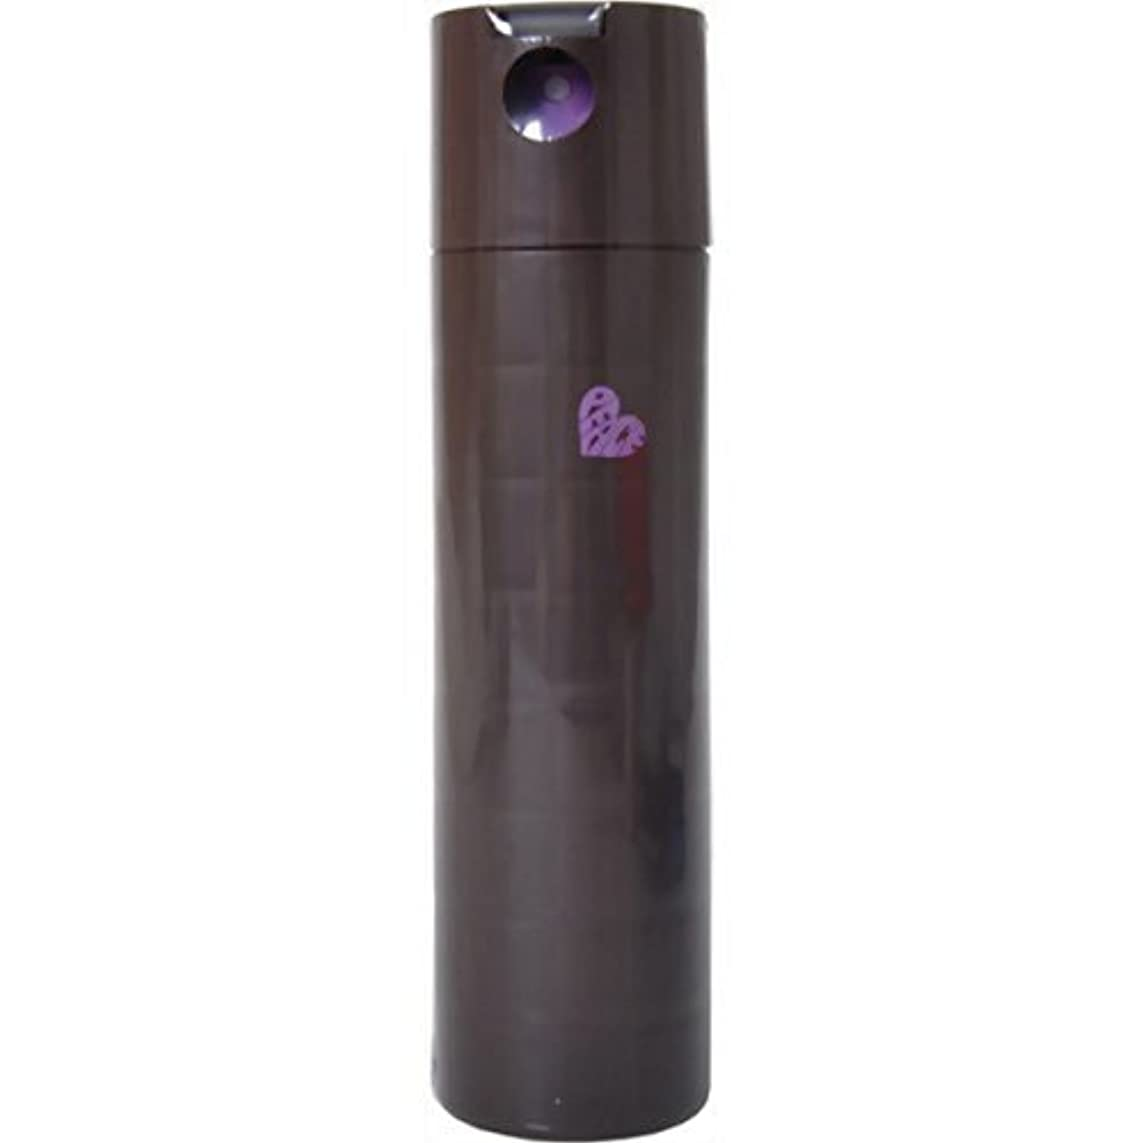 アリミノ ピース カールspray チョコ 138g(200ml) スプレーライン ARIMINO PEACE